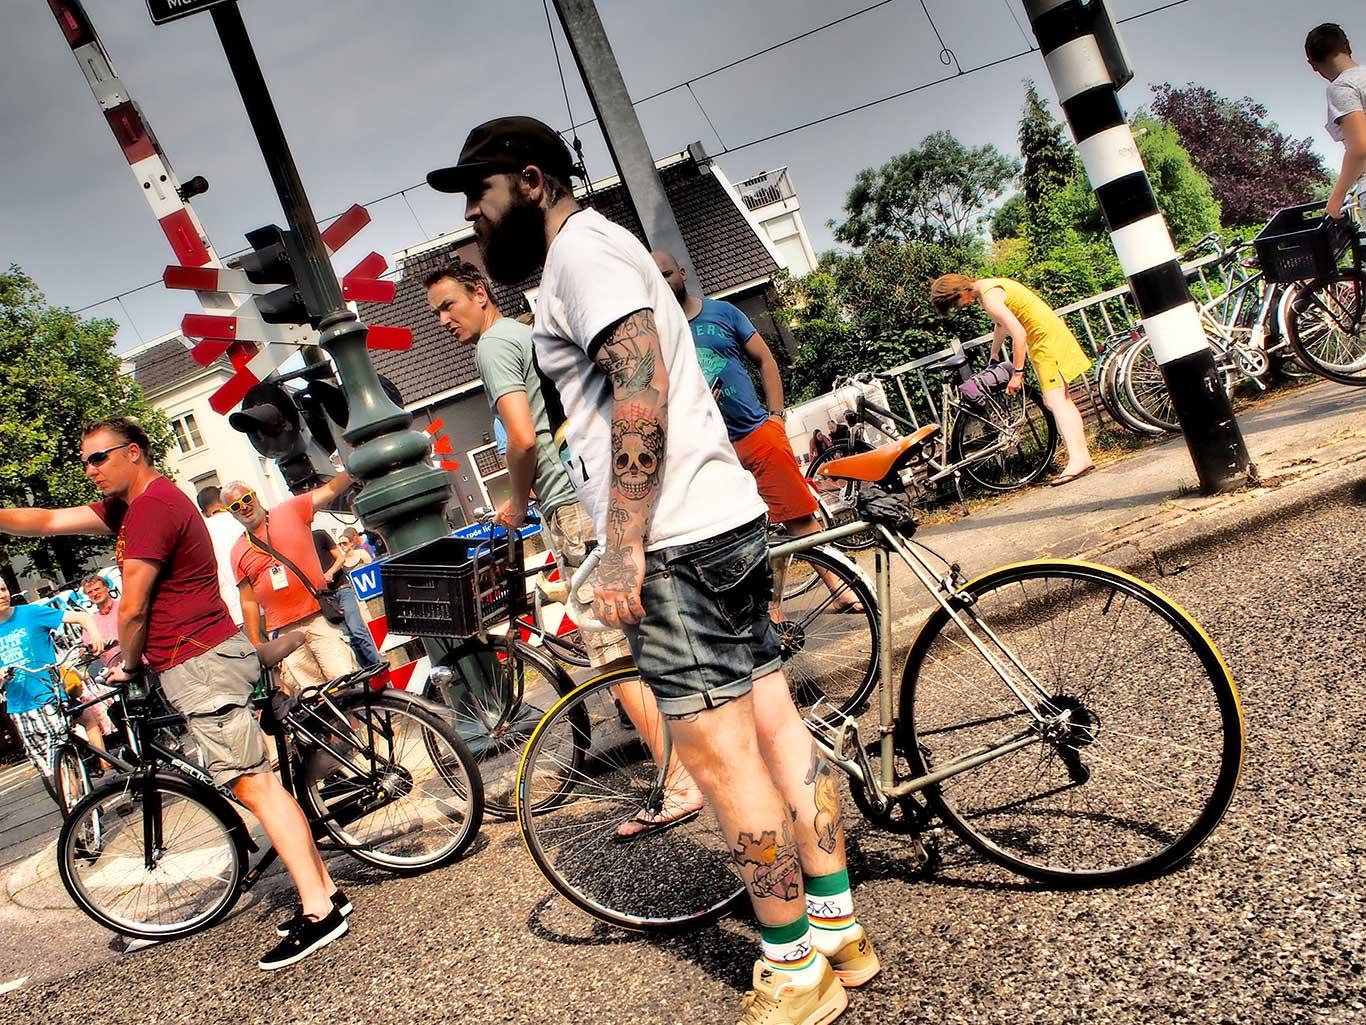 Tour de France Tour de France 2015 YPM